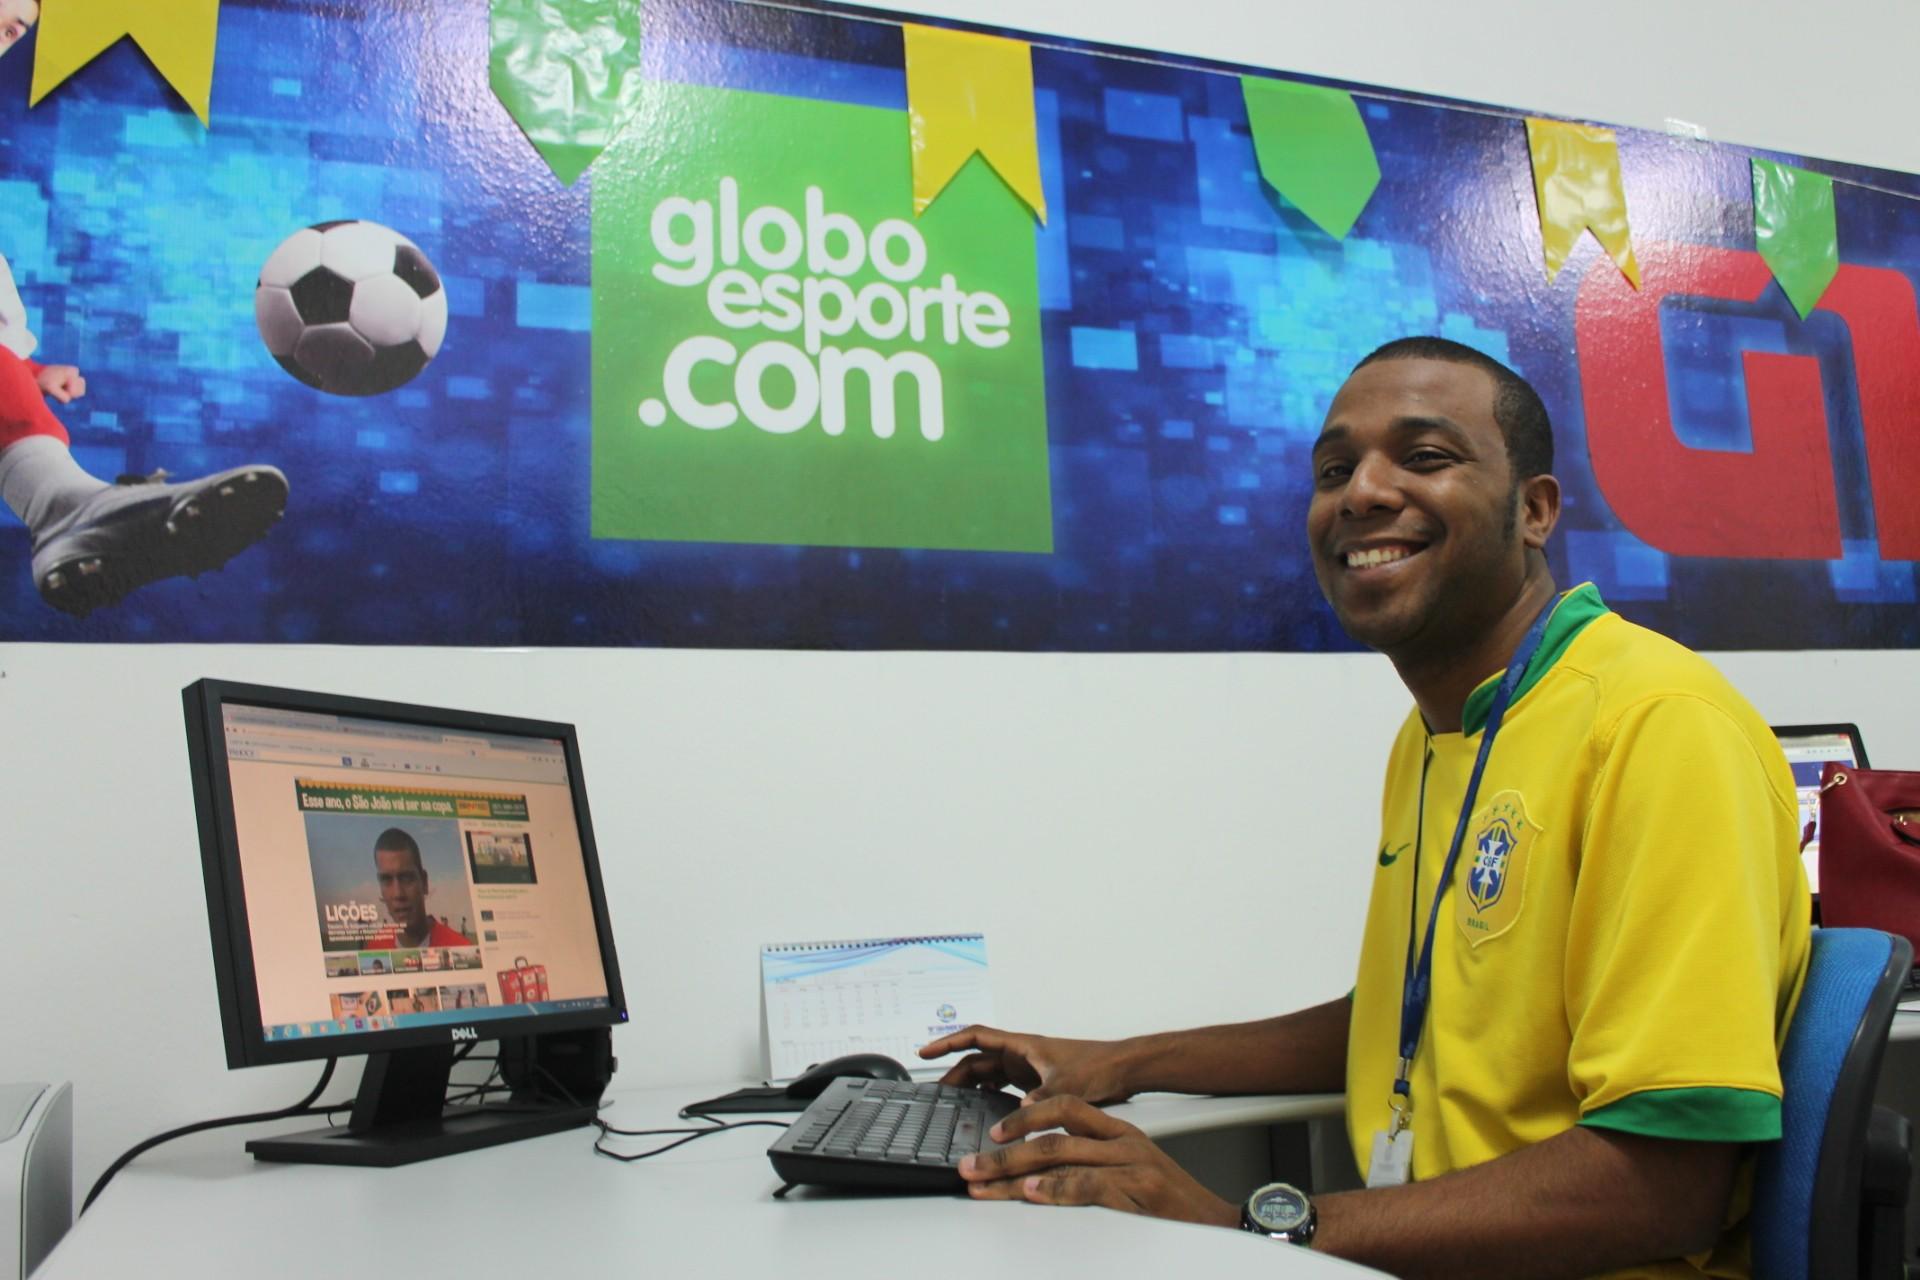 O jornalista Emerson Rocha é apaixonado por futebol (Foto: Amanda Franco/G1)